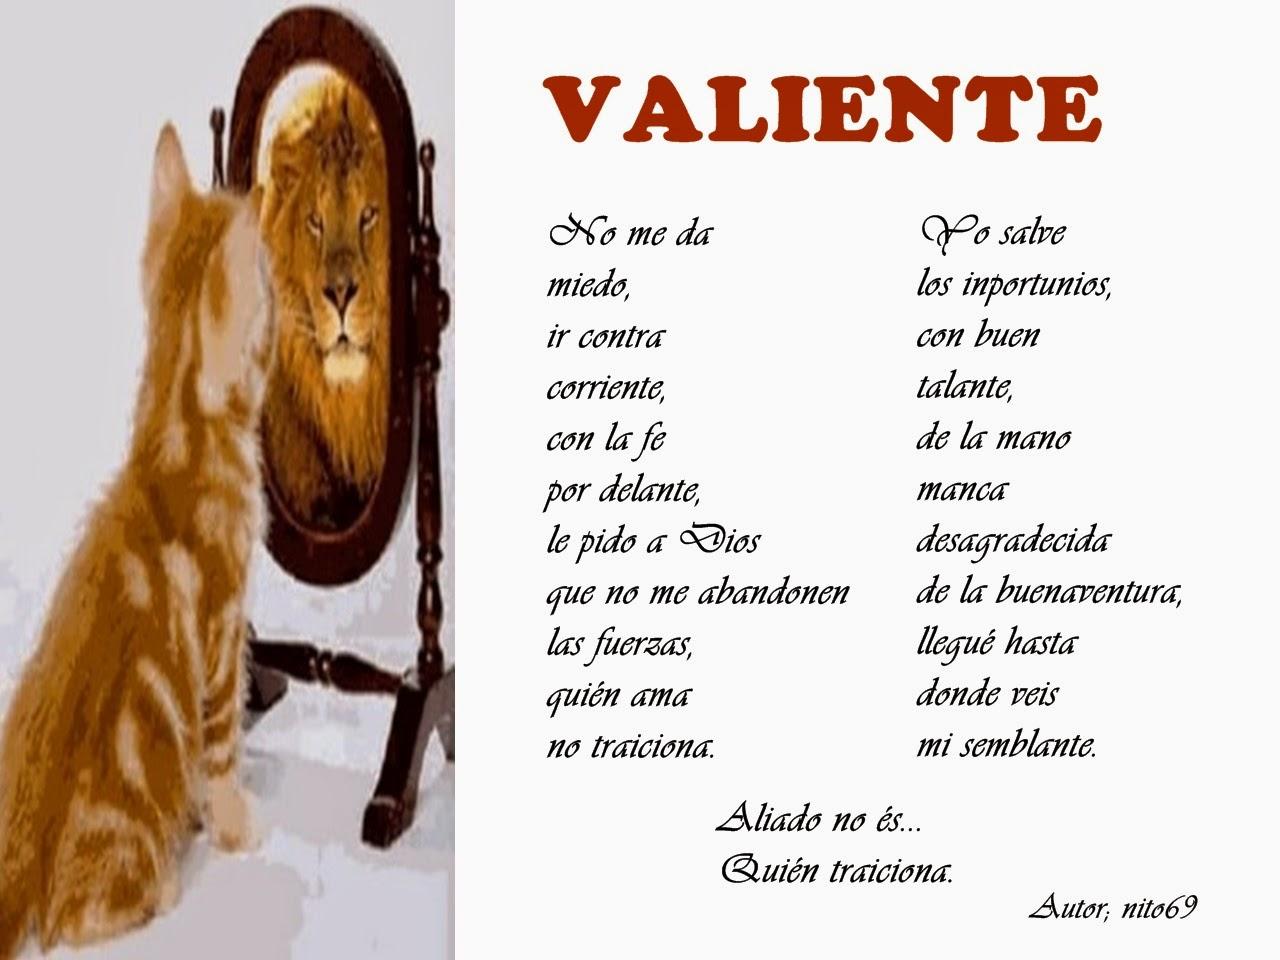 VALIENTE